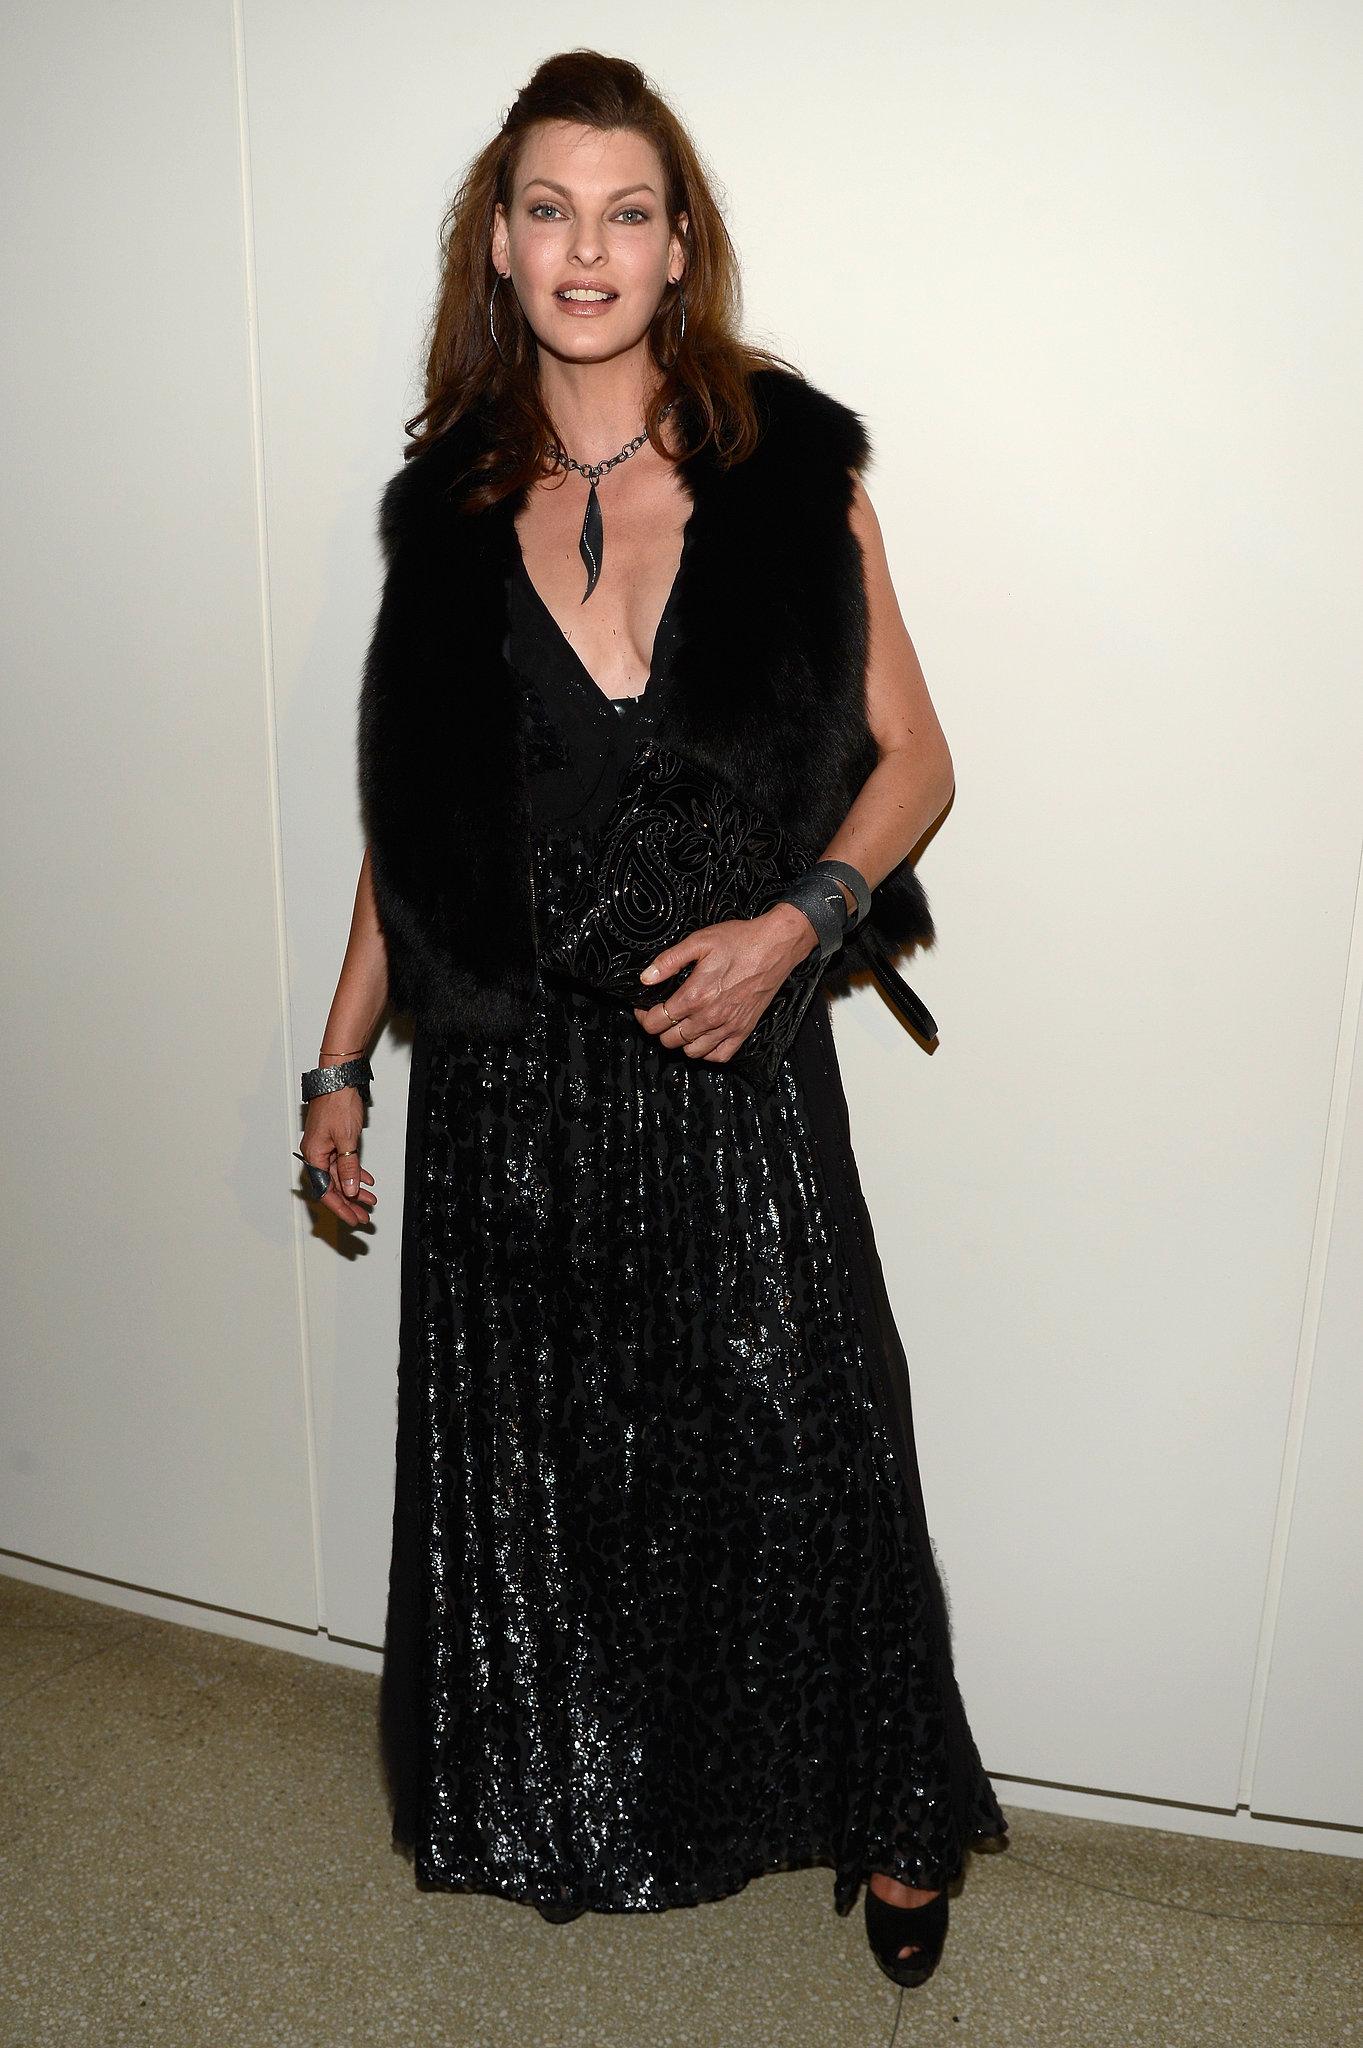 Linda Evangelista wore a black gown.